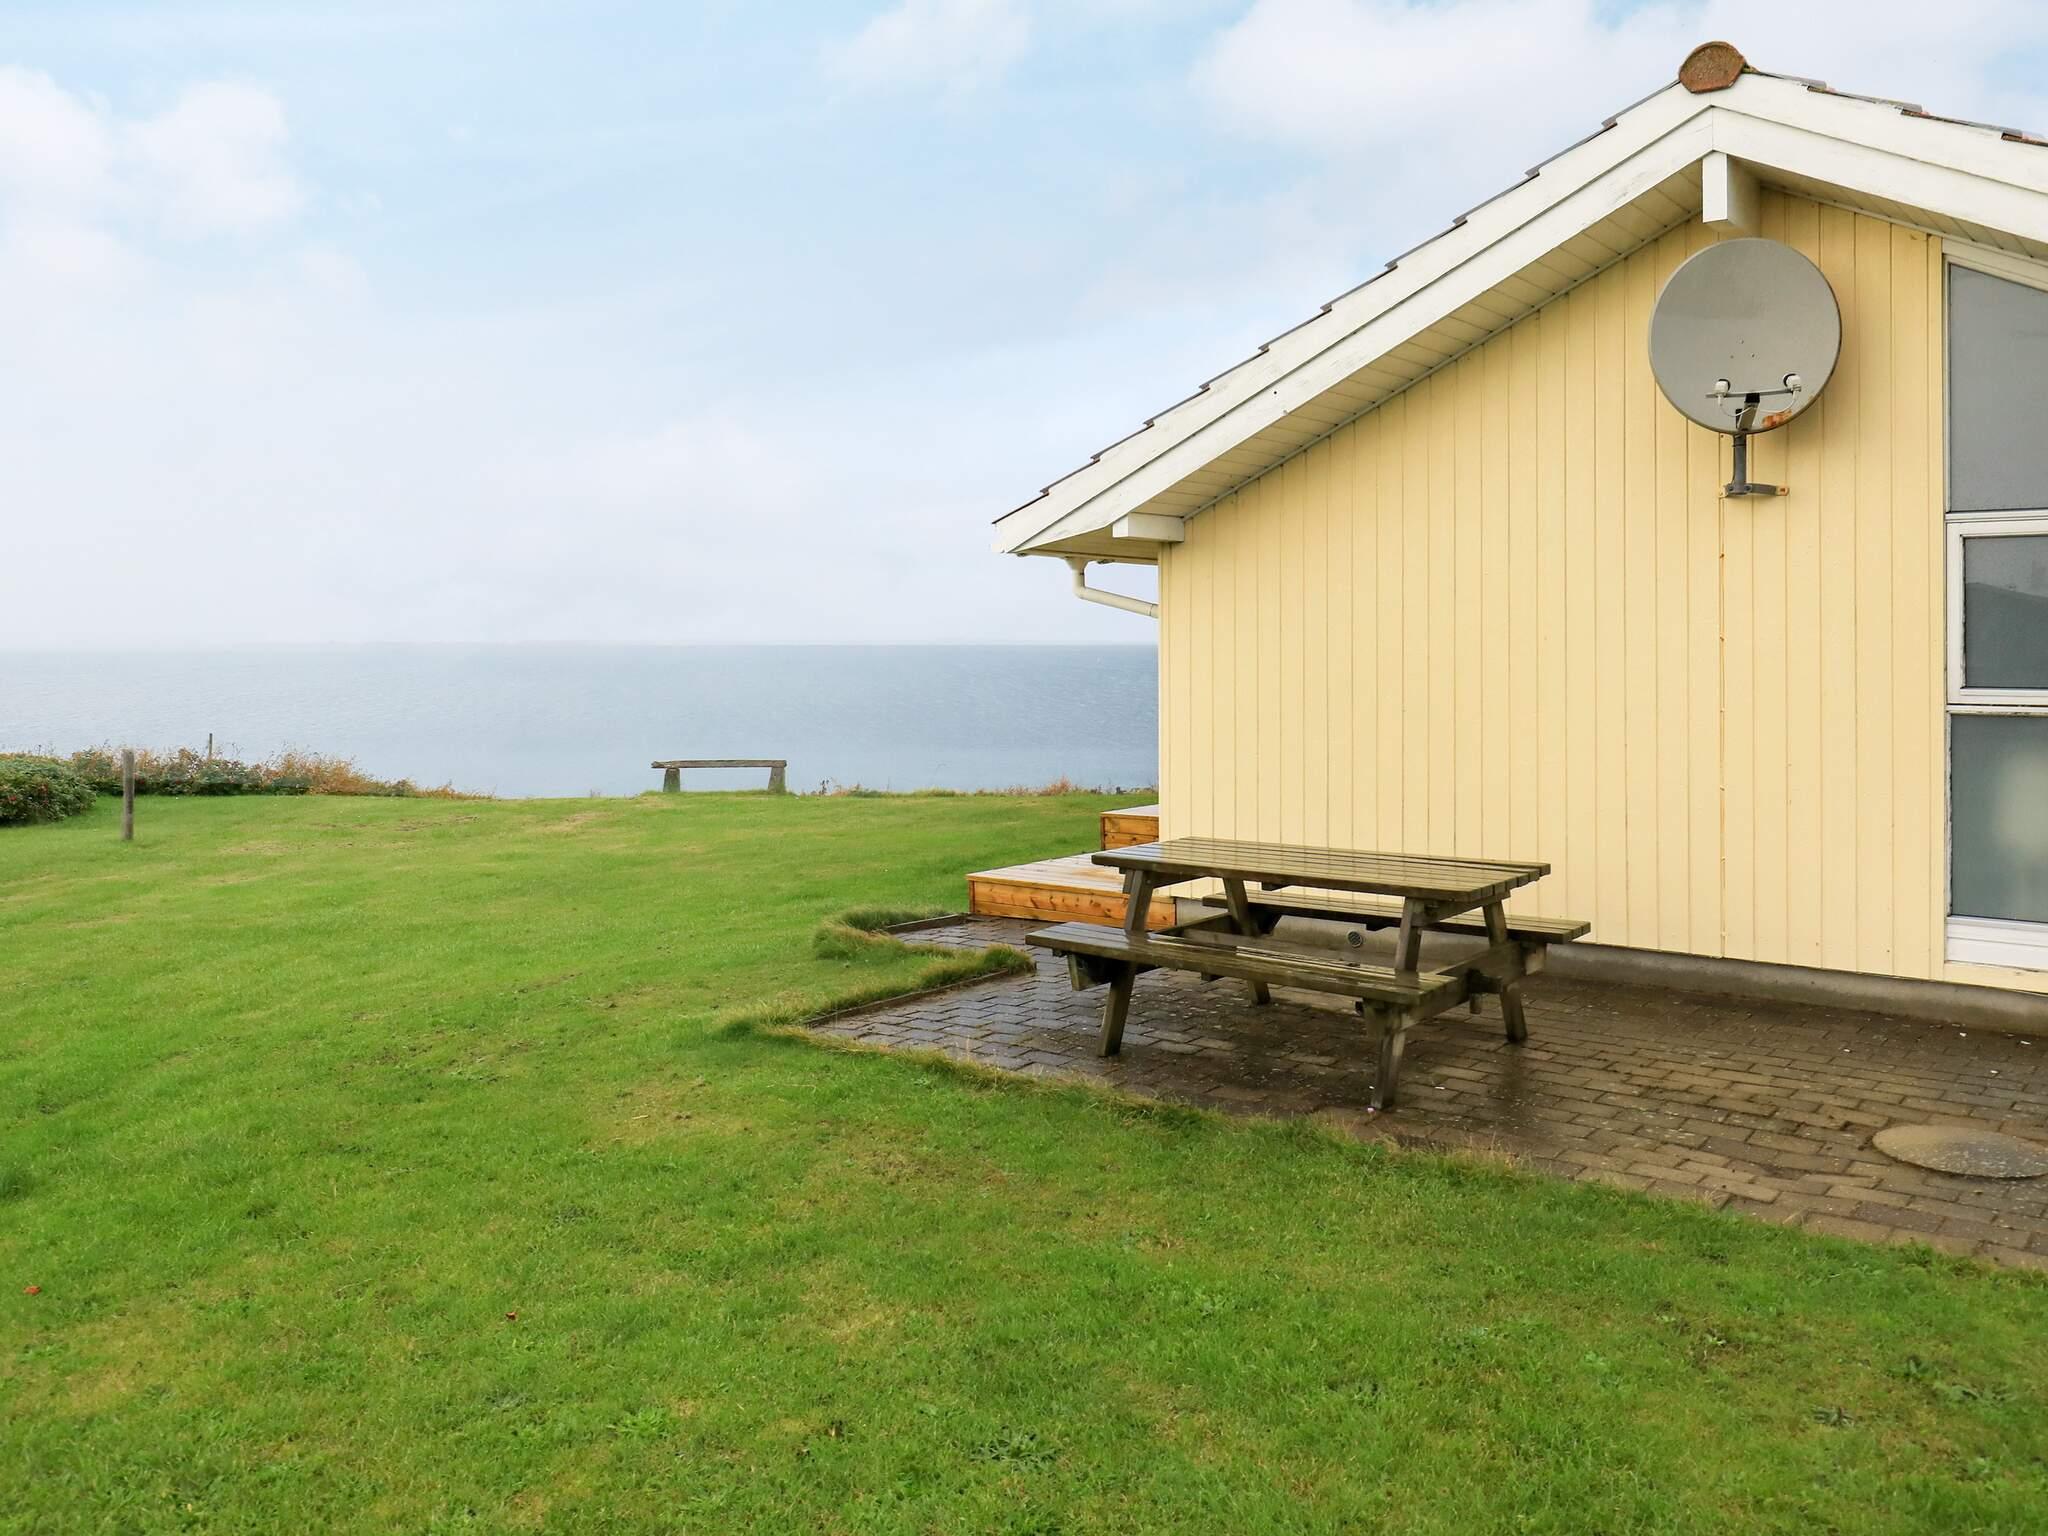 Ferienhaus Handbjerg (331046), Handbjerg, , Westjütland, Dänemark, Bild 23